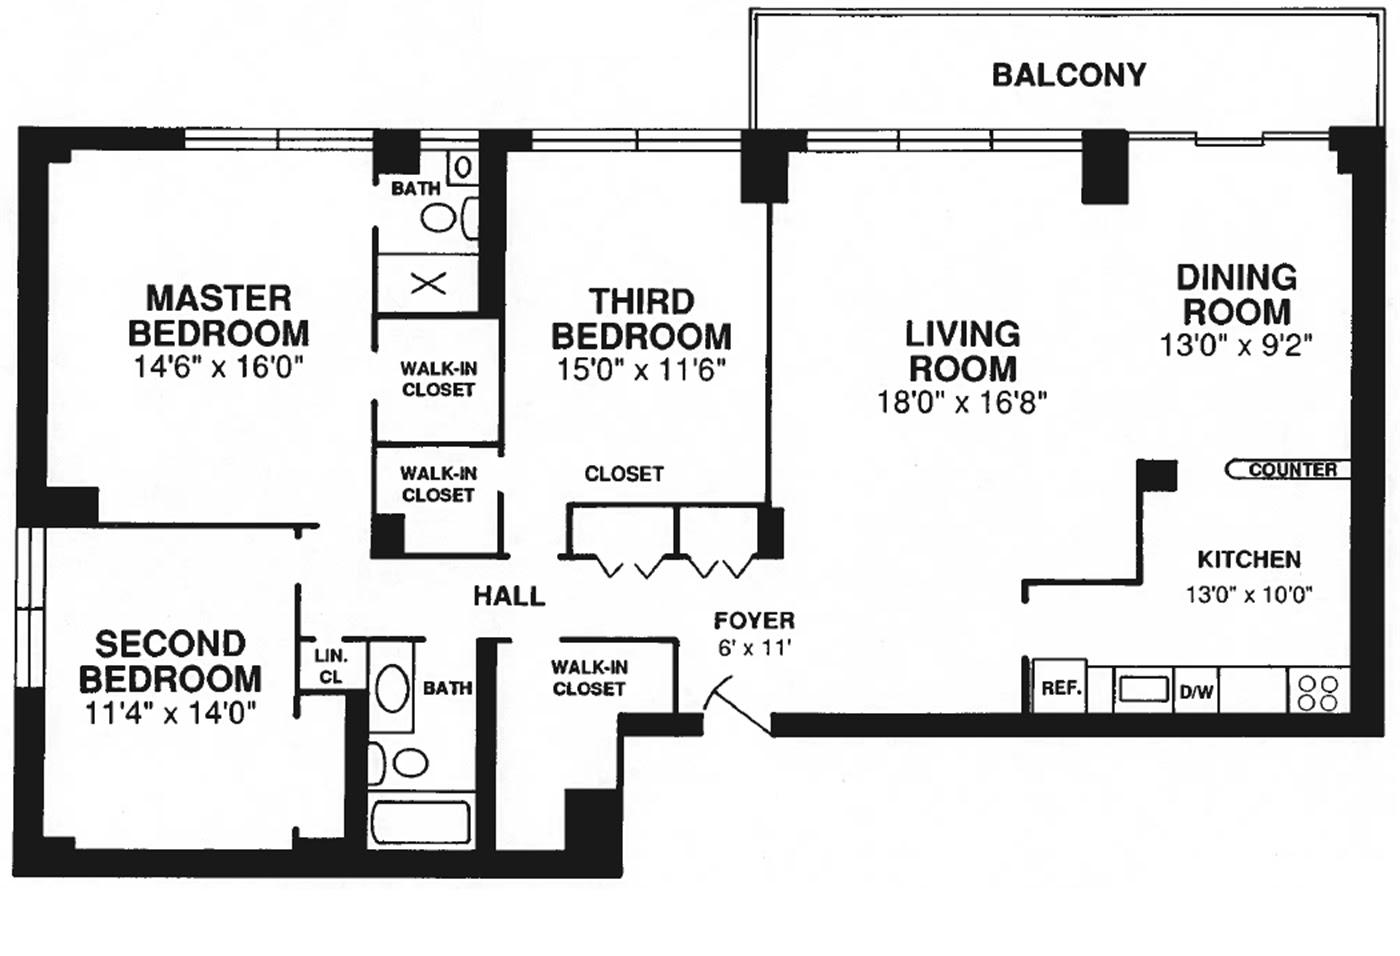 20 Unique Free Floor Plan Templates House Plans 6351